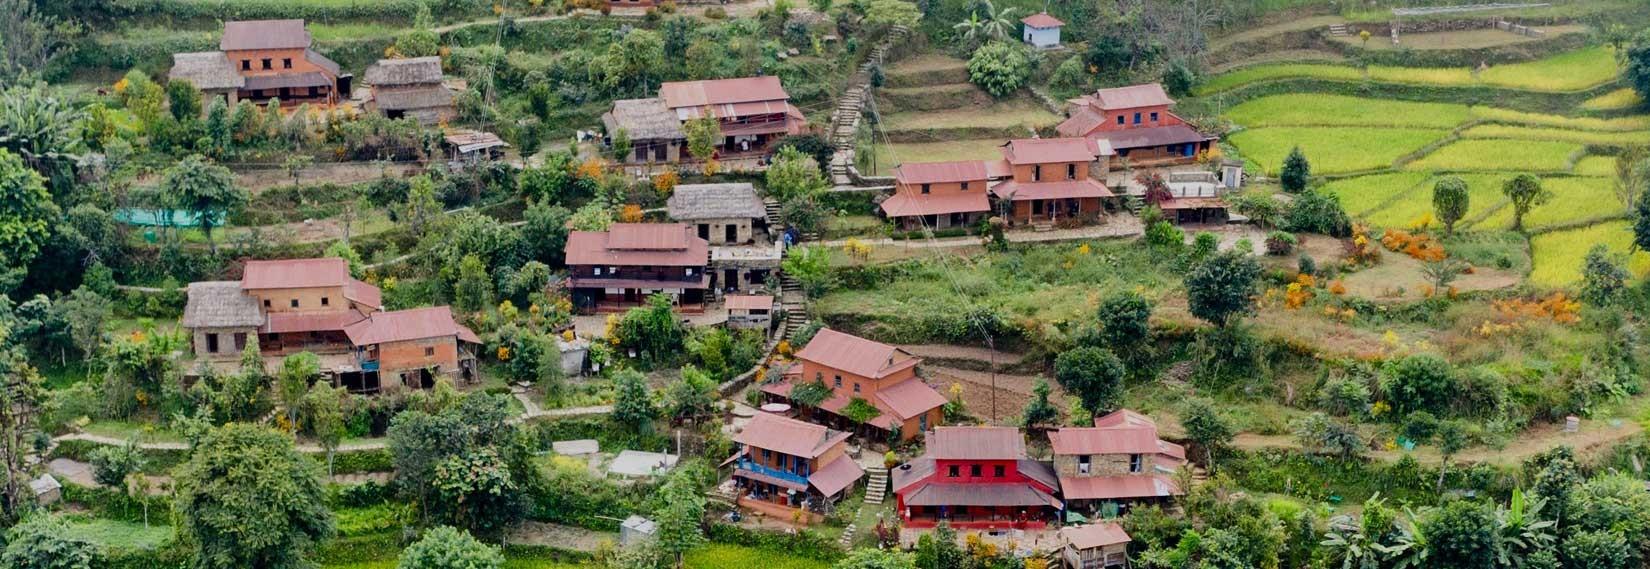 Riepe Village in Nepal